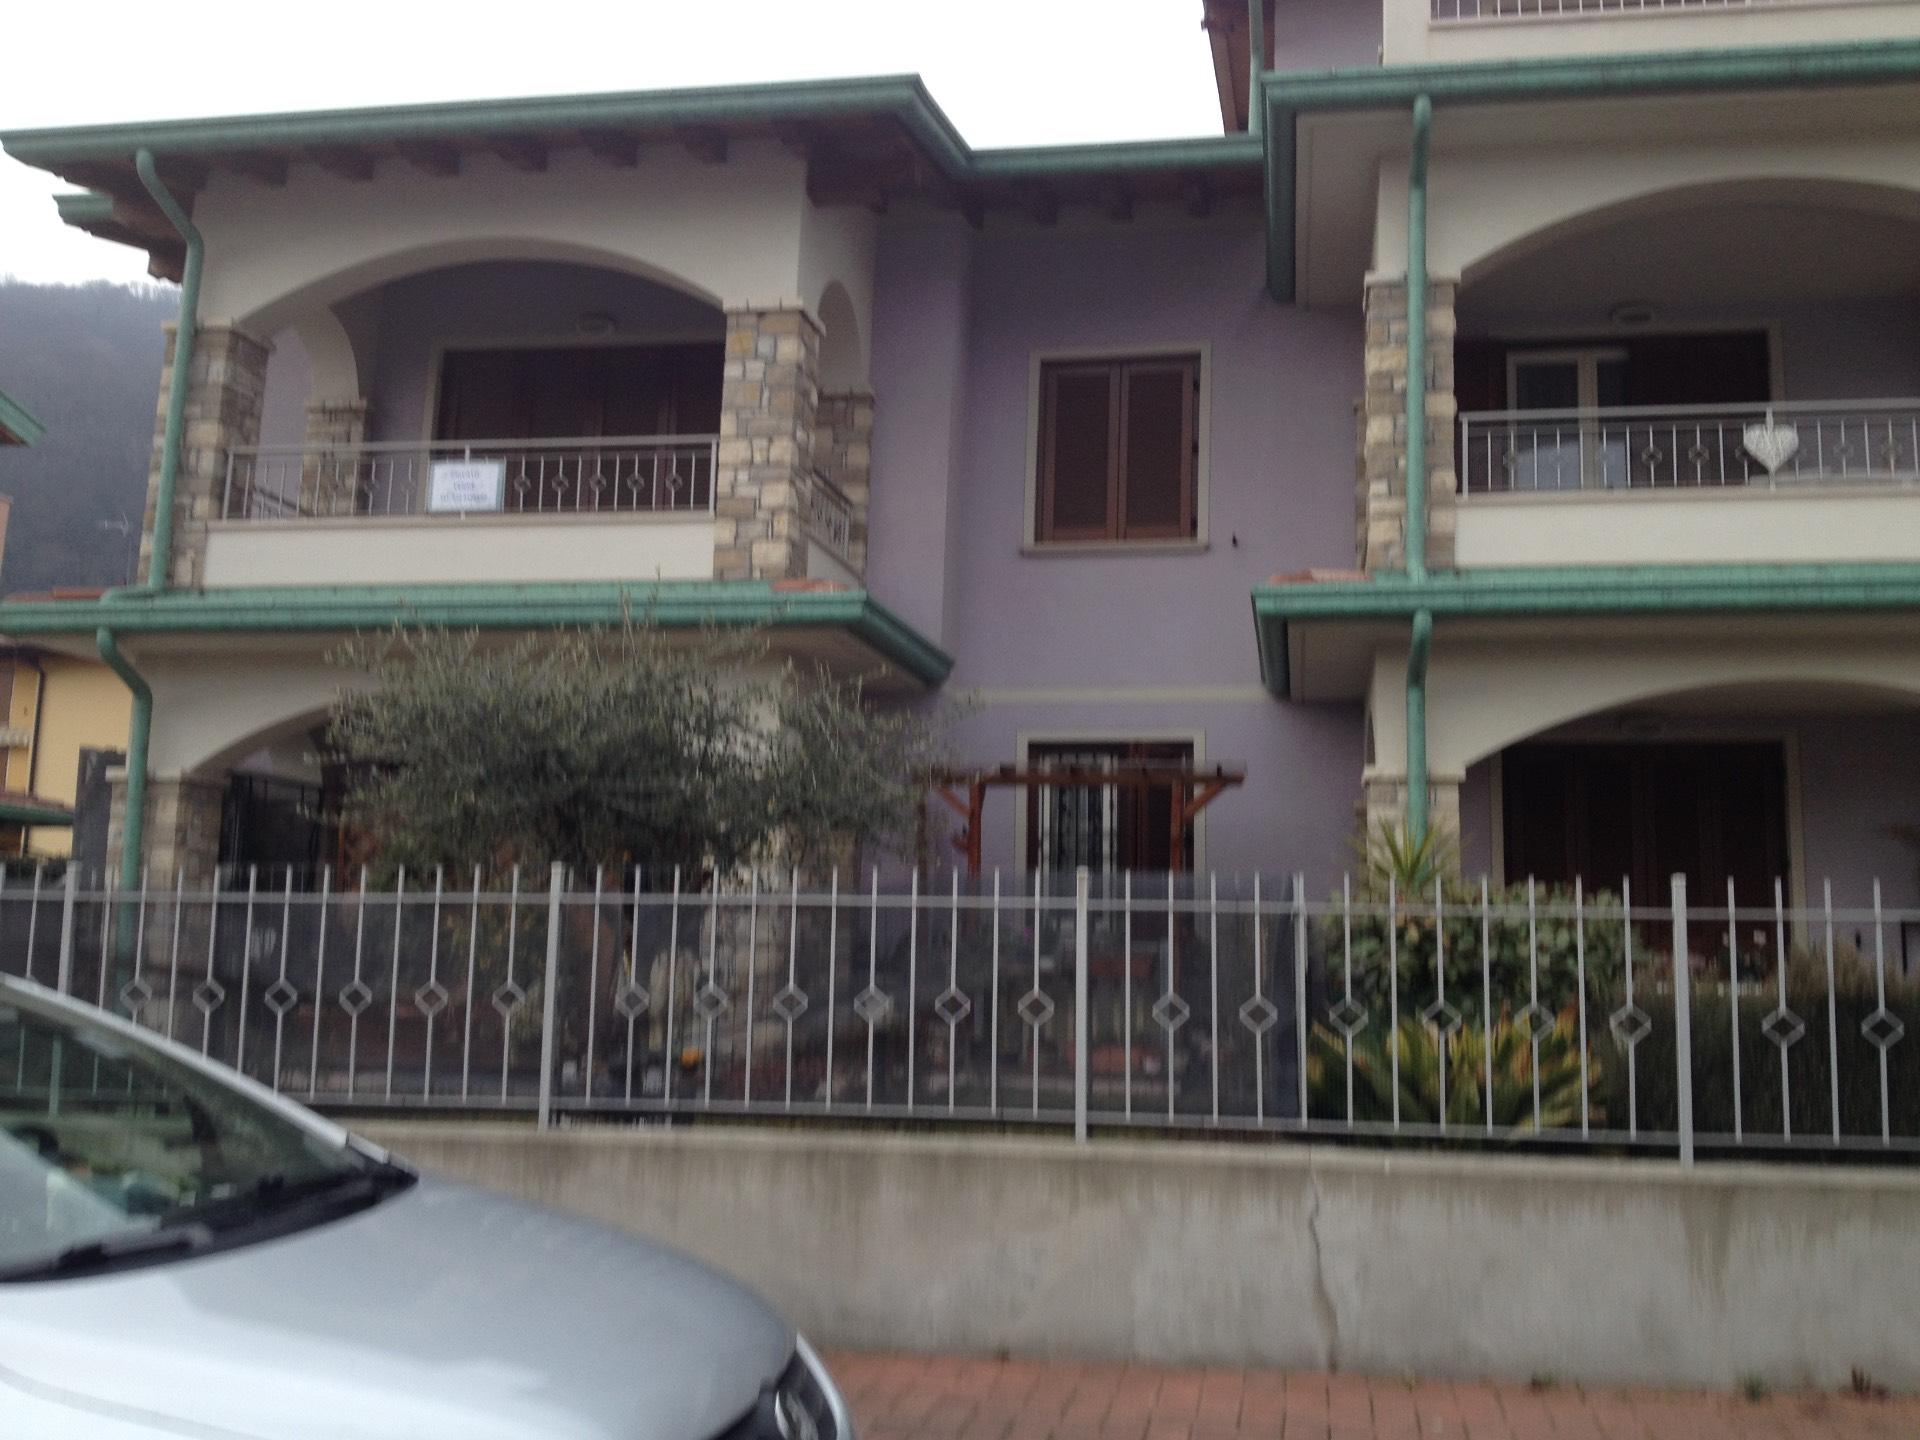 Appartamento in vendita a Villa Carcina, 3 locali, zona Zona: Carcina, prezzo € 230.000 | Cambio Casa.it